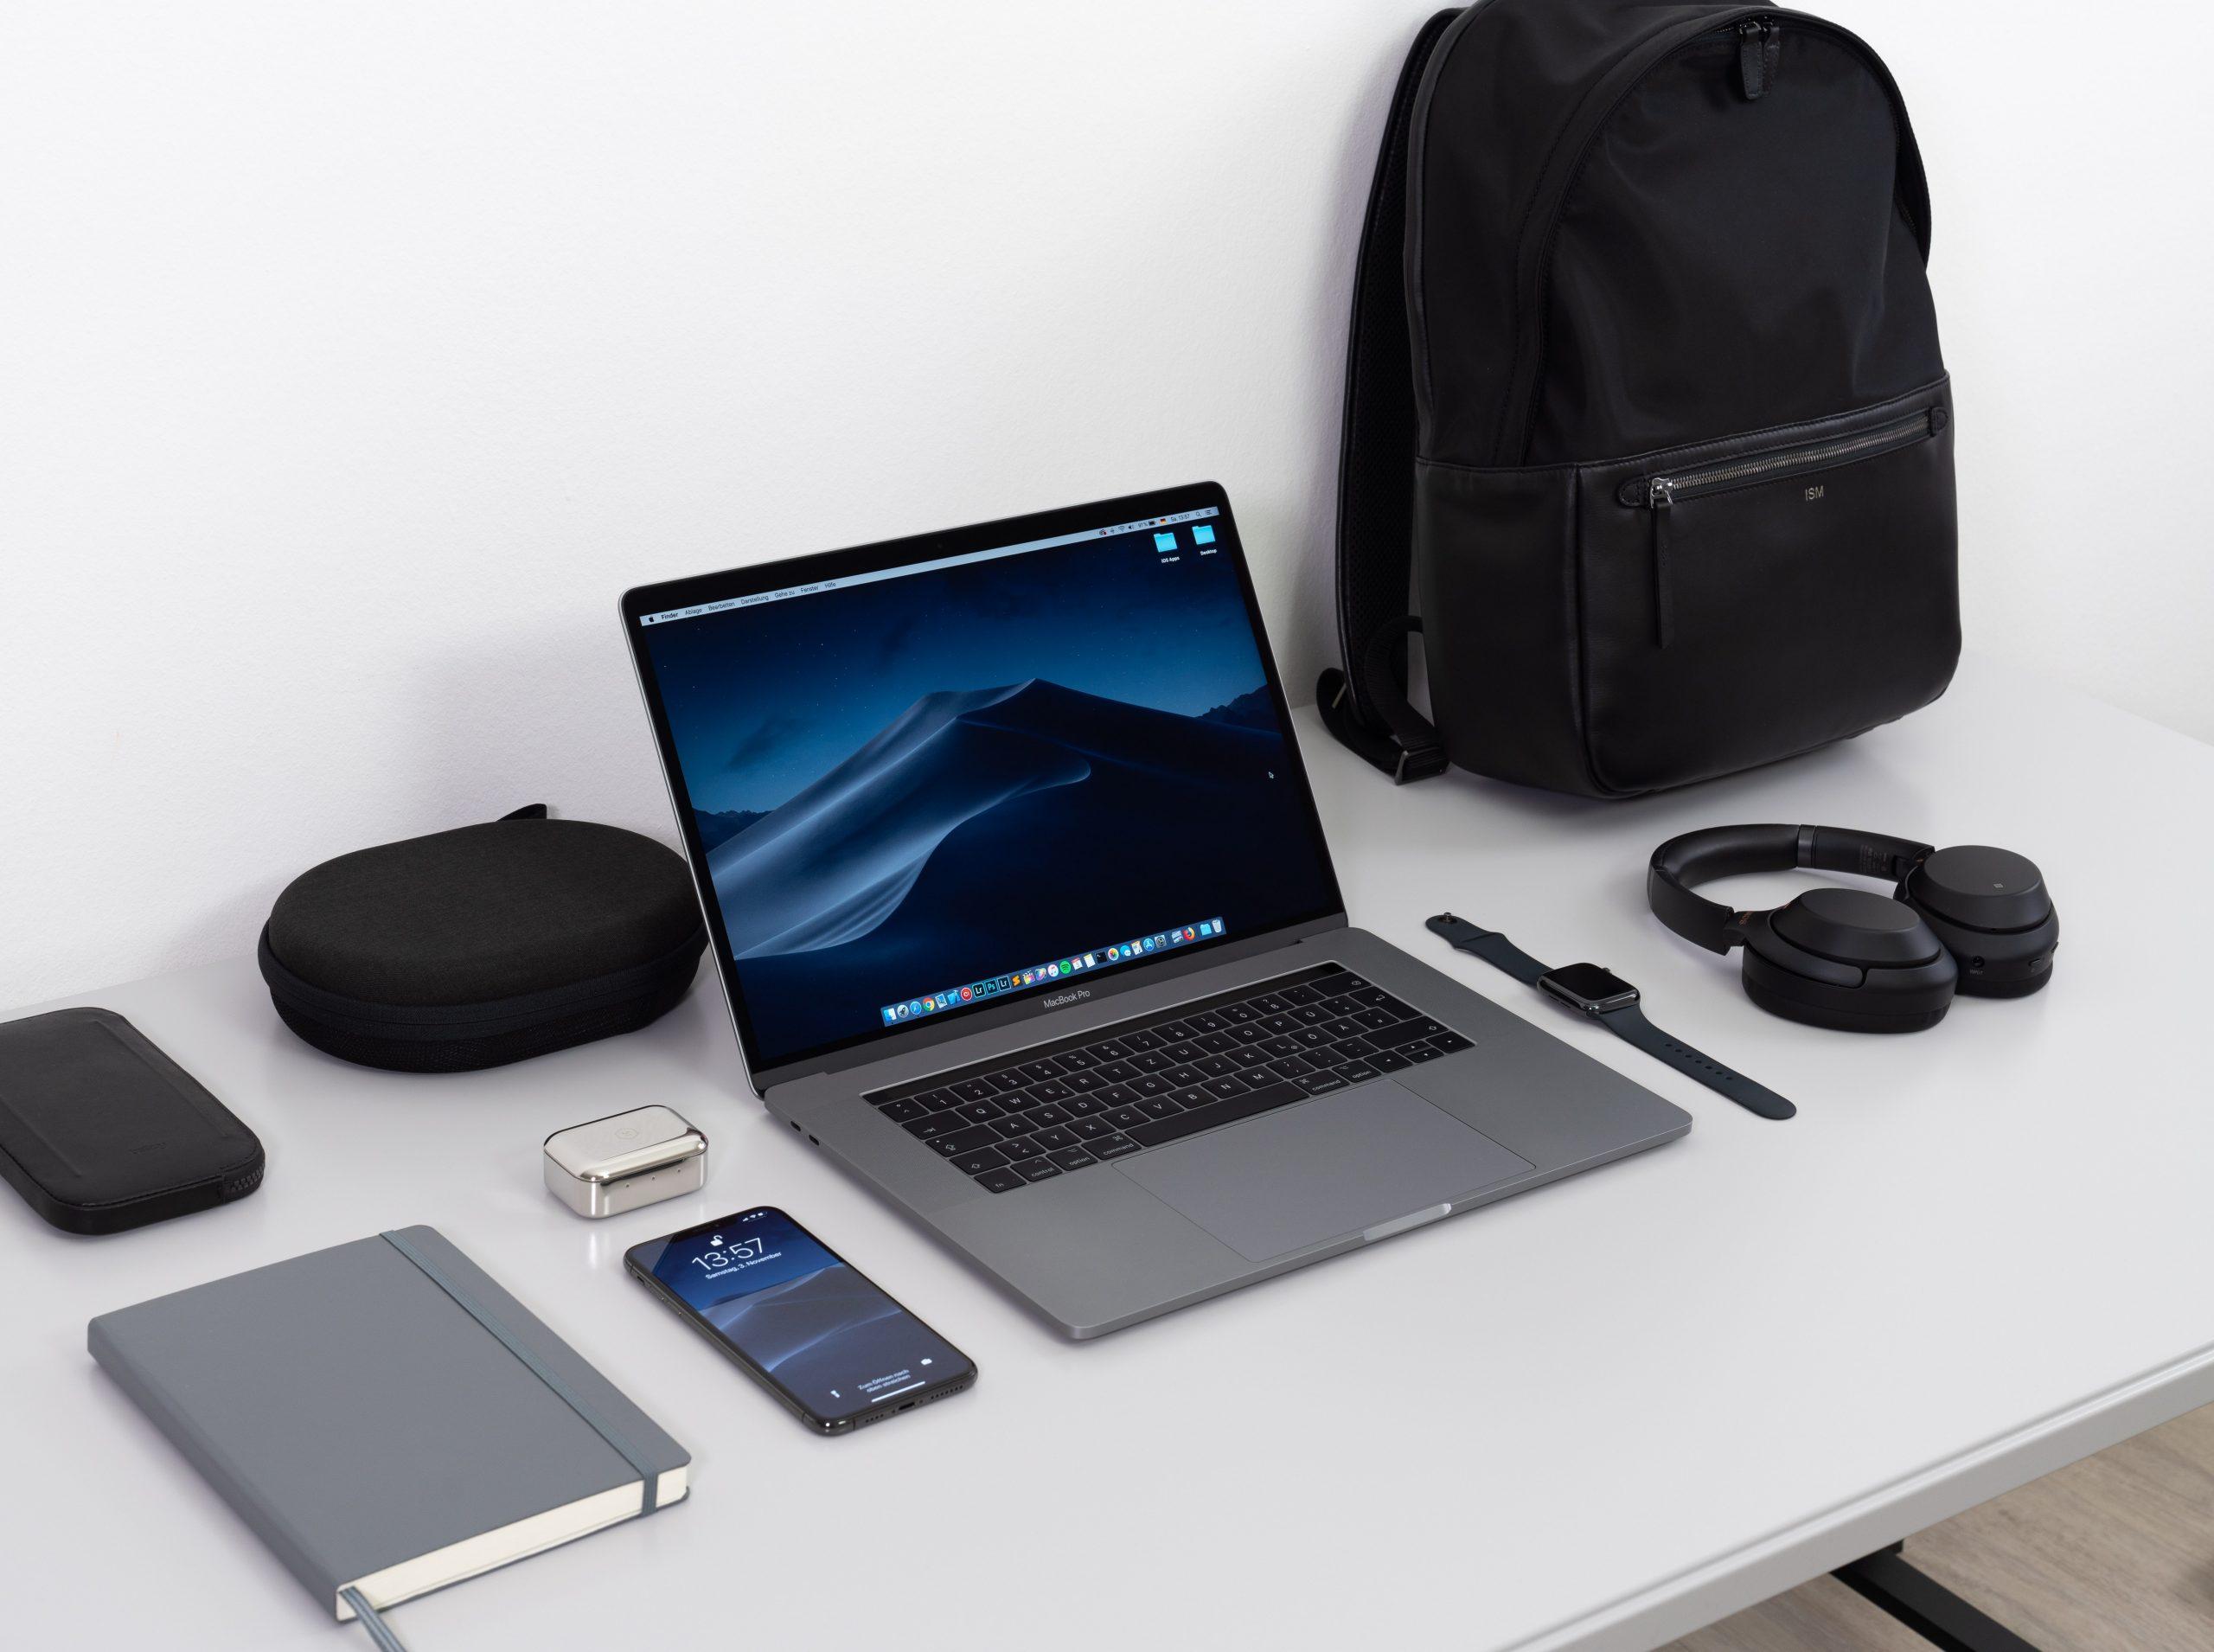 Imagem de uma mochila de computador ao lado de alguns eletrônicos.